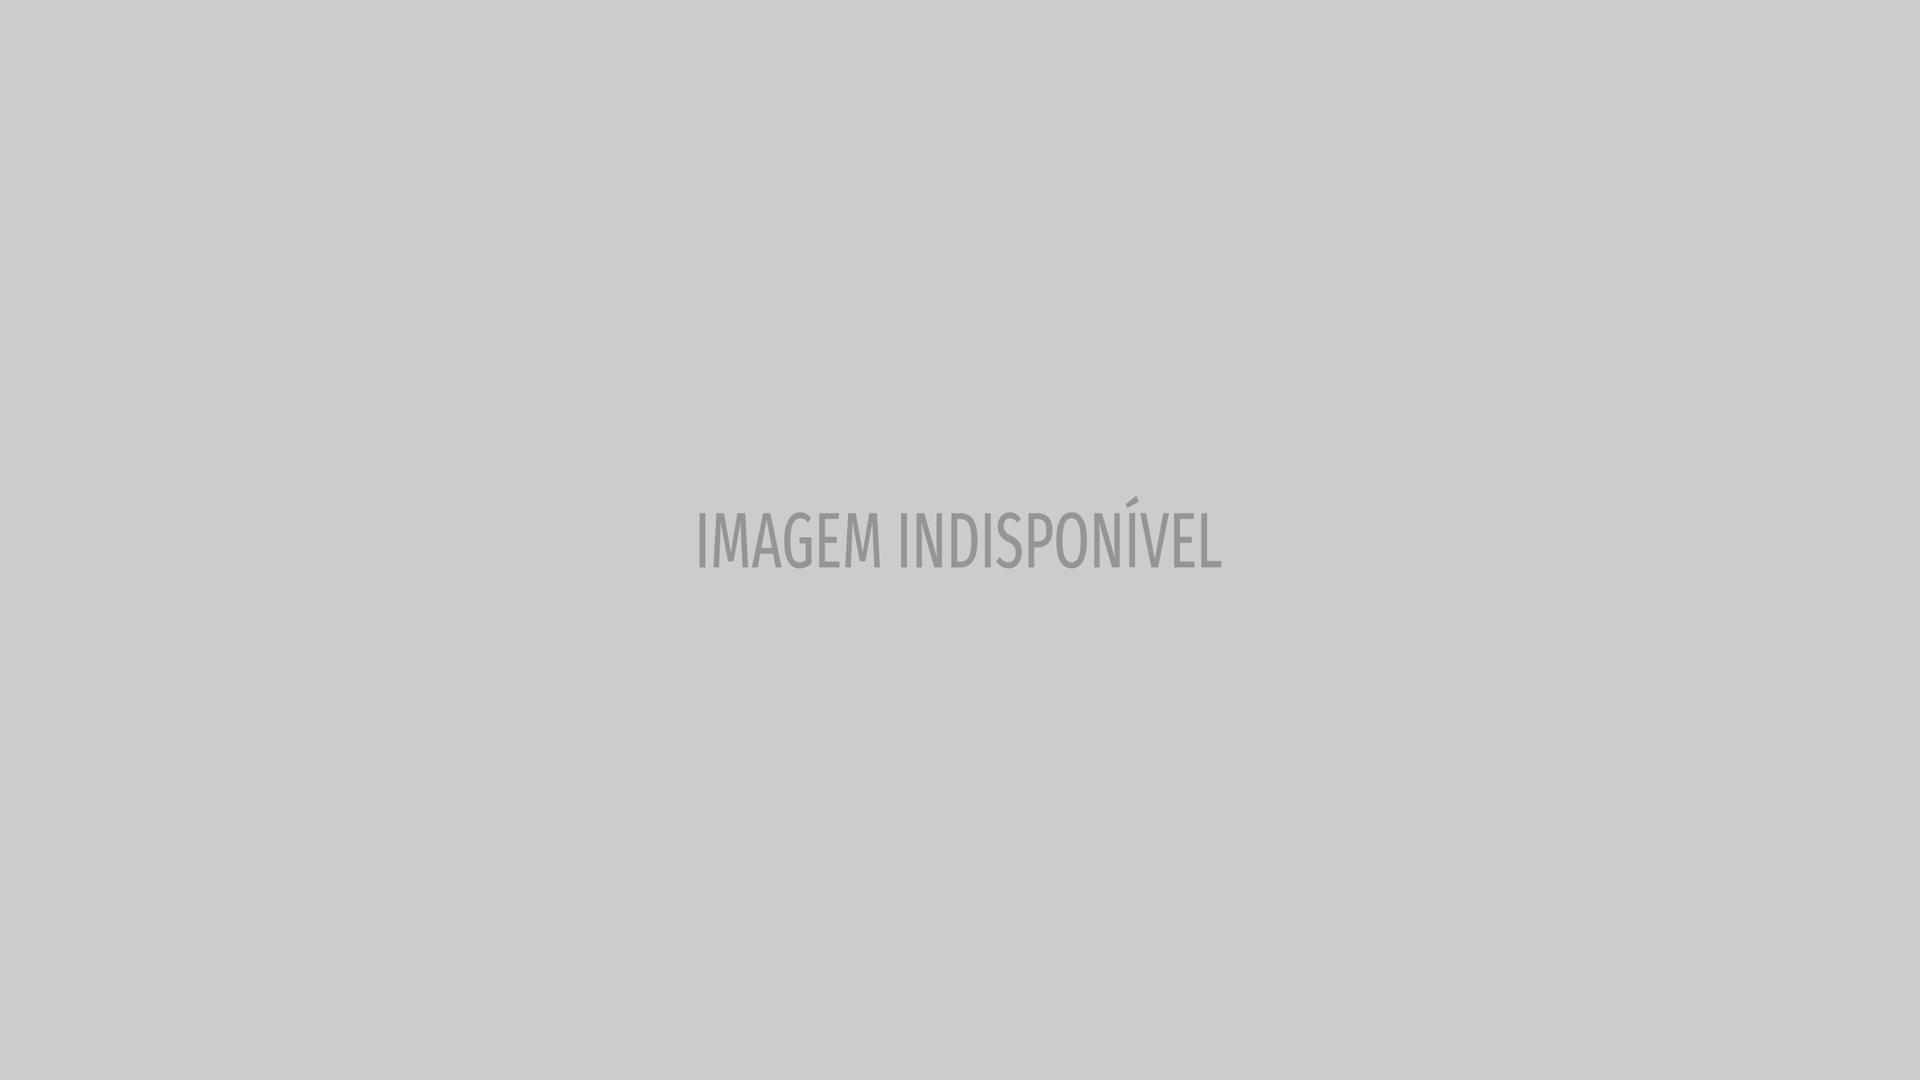 Para UFC, manifestação de Werdum sobre parceiro foi 'inaceitável'